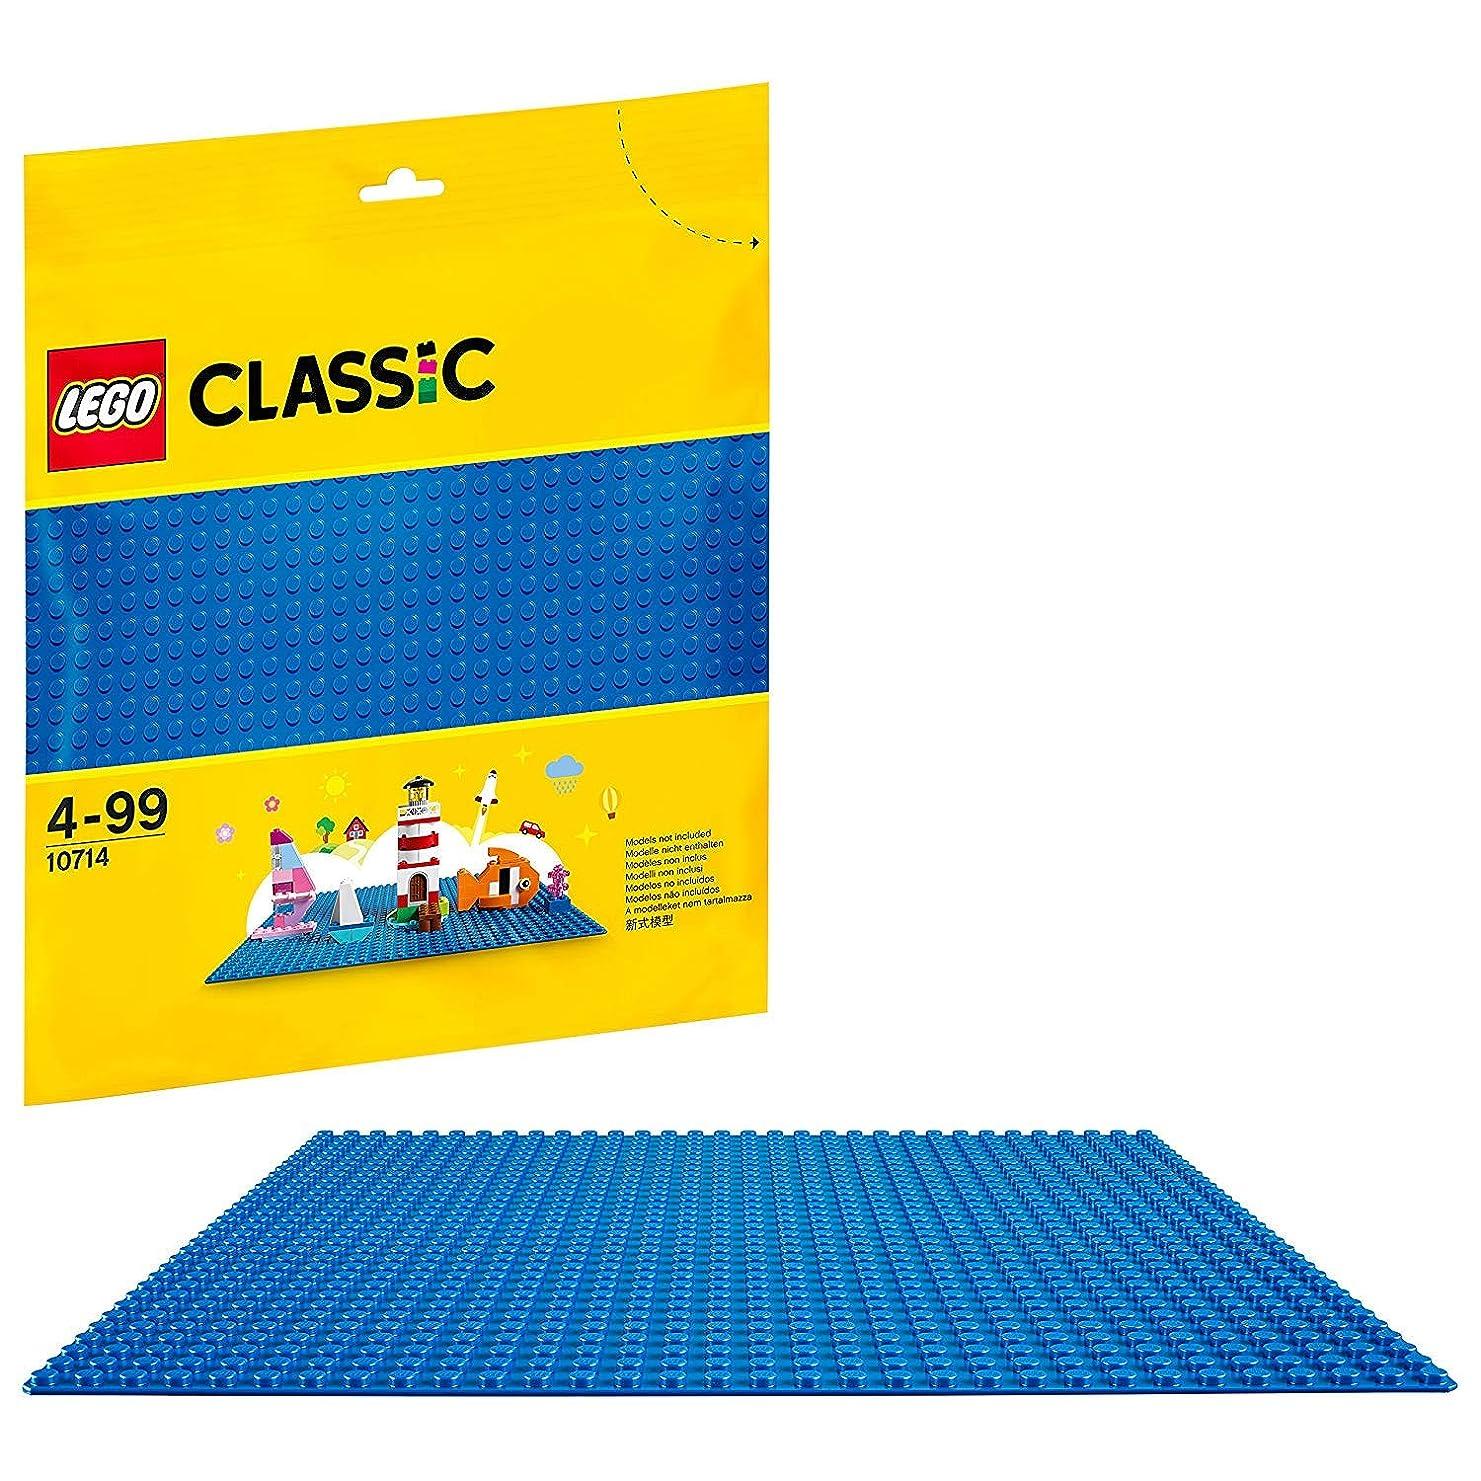 に負ける犠牲ブッシュレゴ(LEGO) クラシック 基礎板 <ブルー> 10714